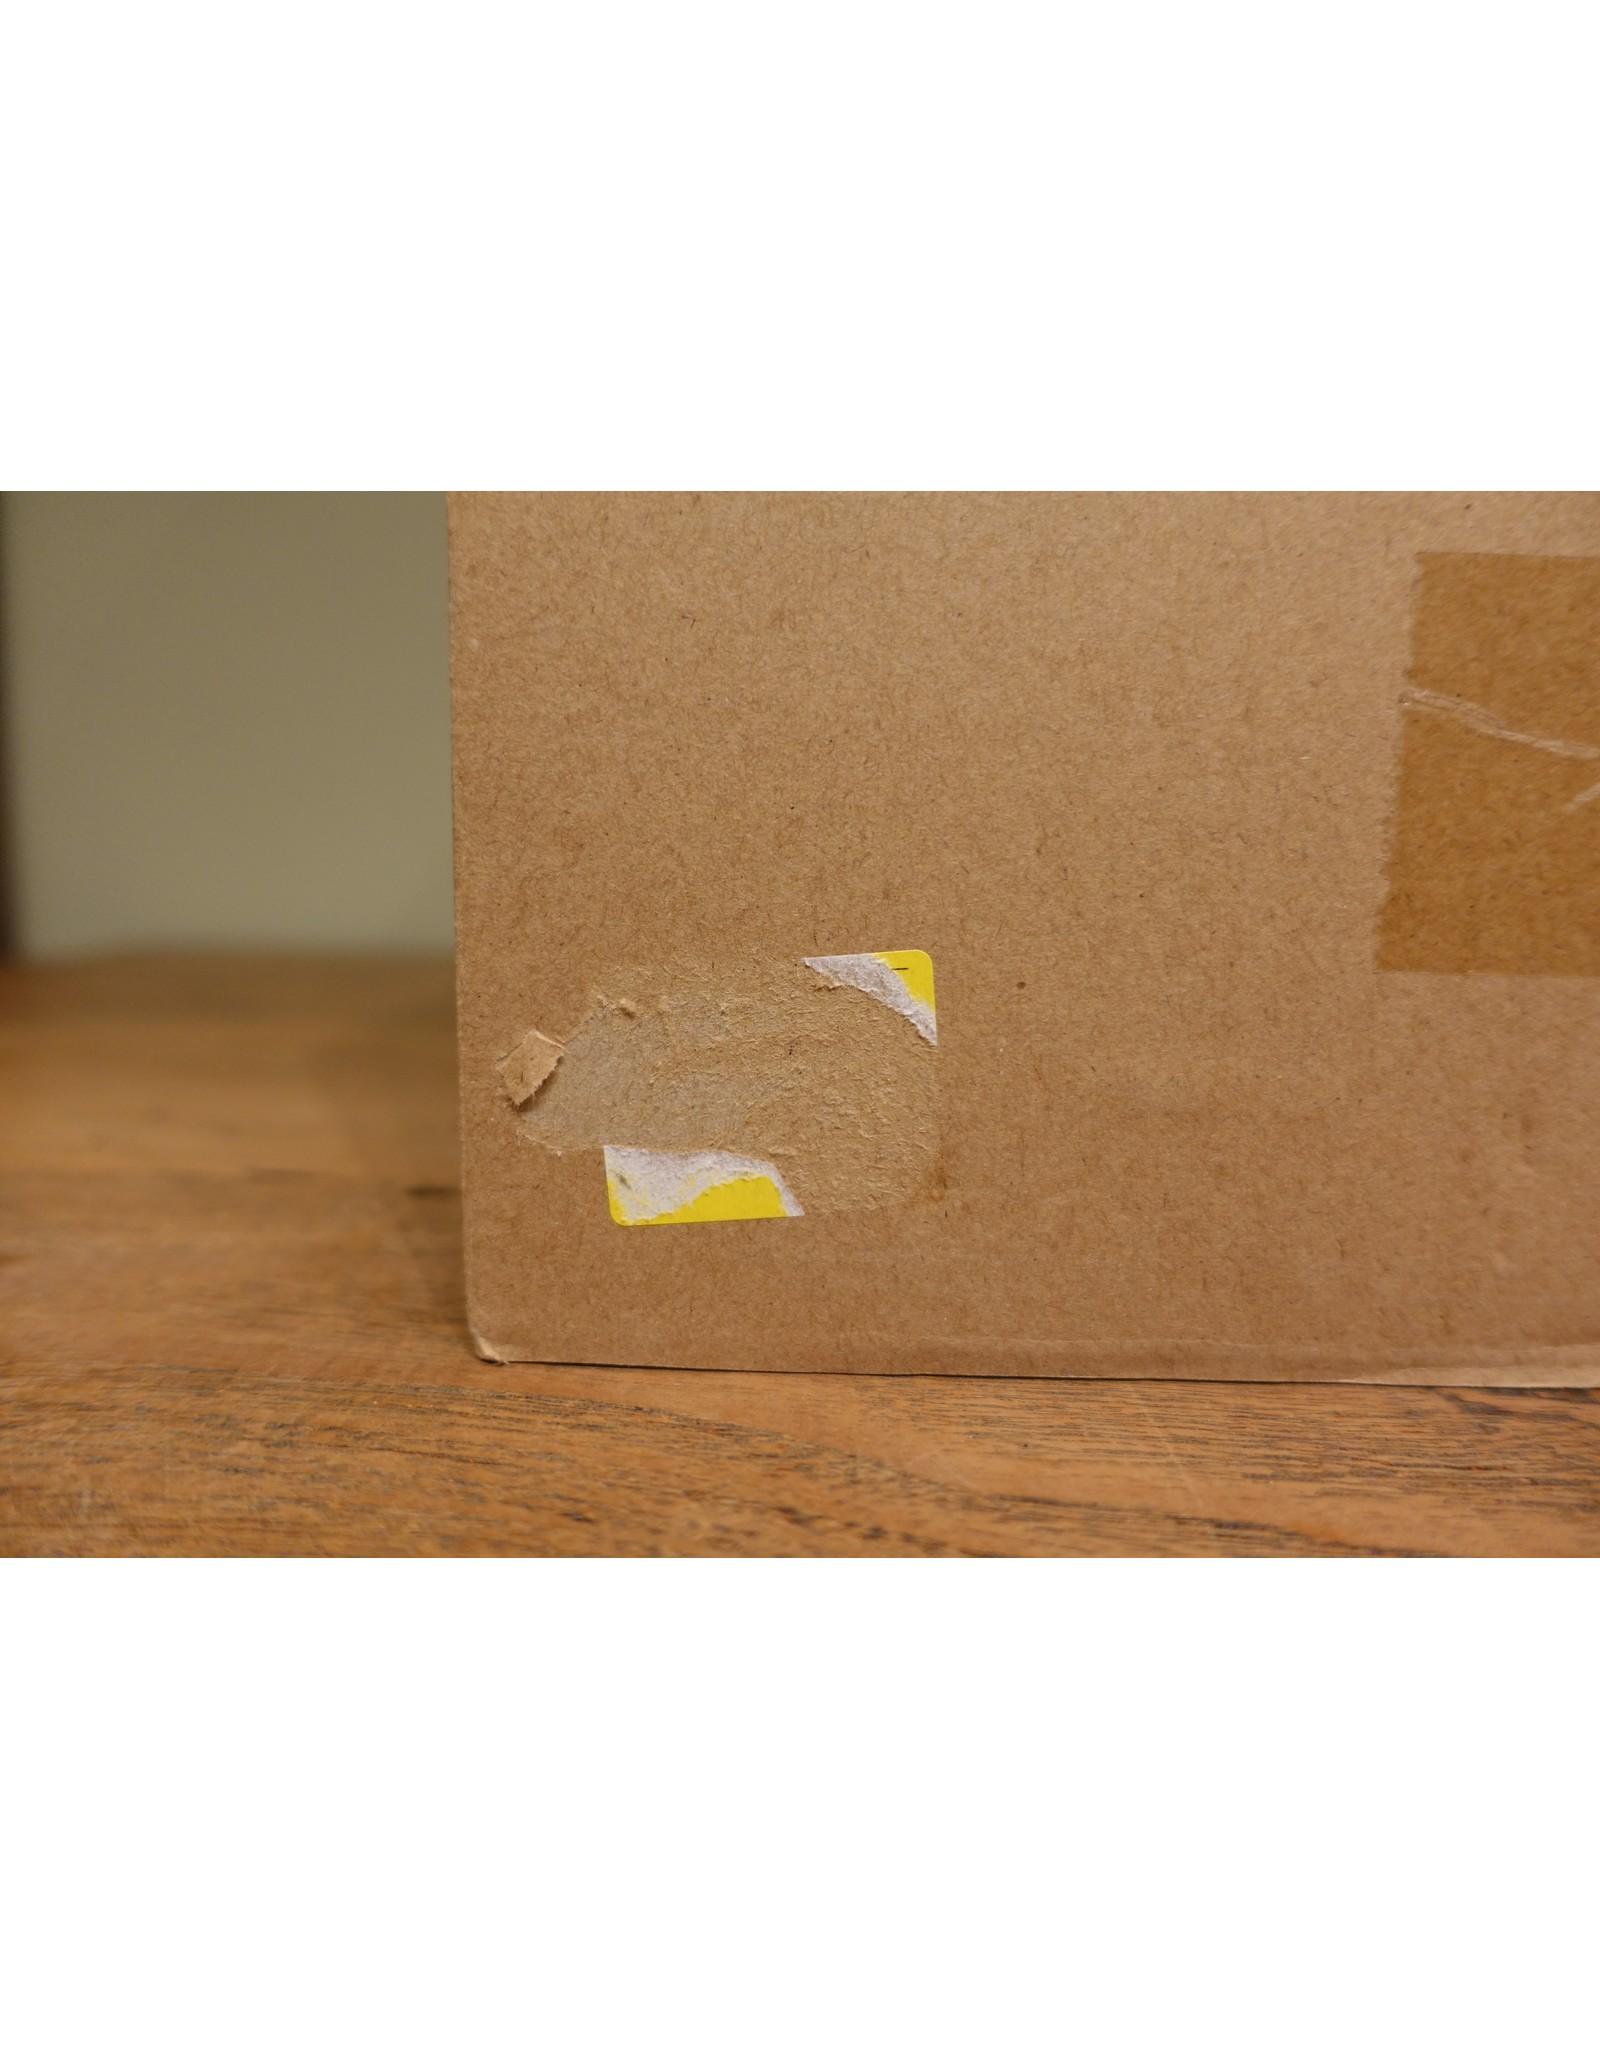 Blokkenkar - Mist een schroef